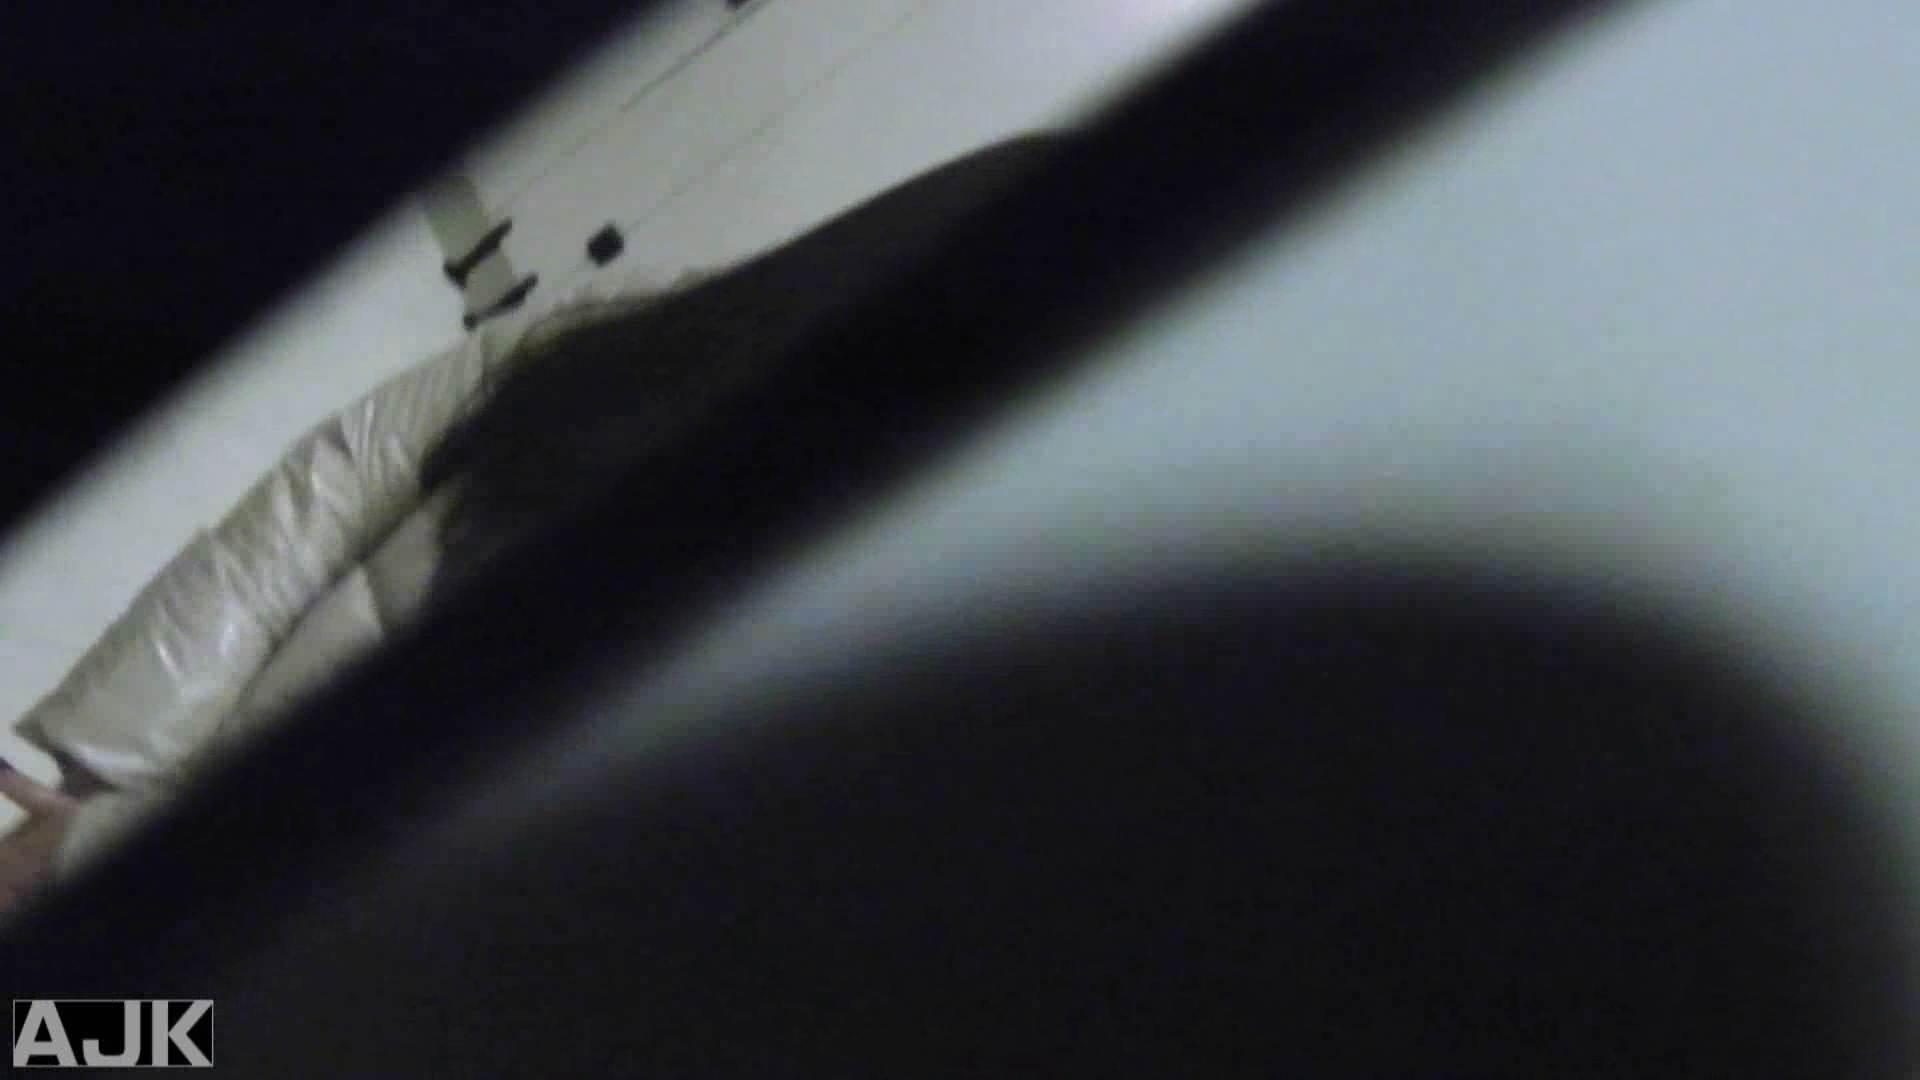 無修正エロ動画:隣国上階級エリアの令嬢たちが集うデパートお手洗い Vol.28:怪盗ジョーカー